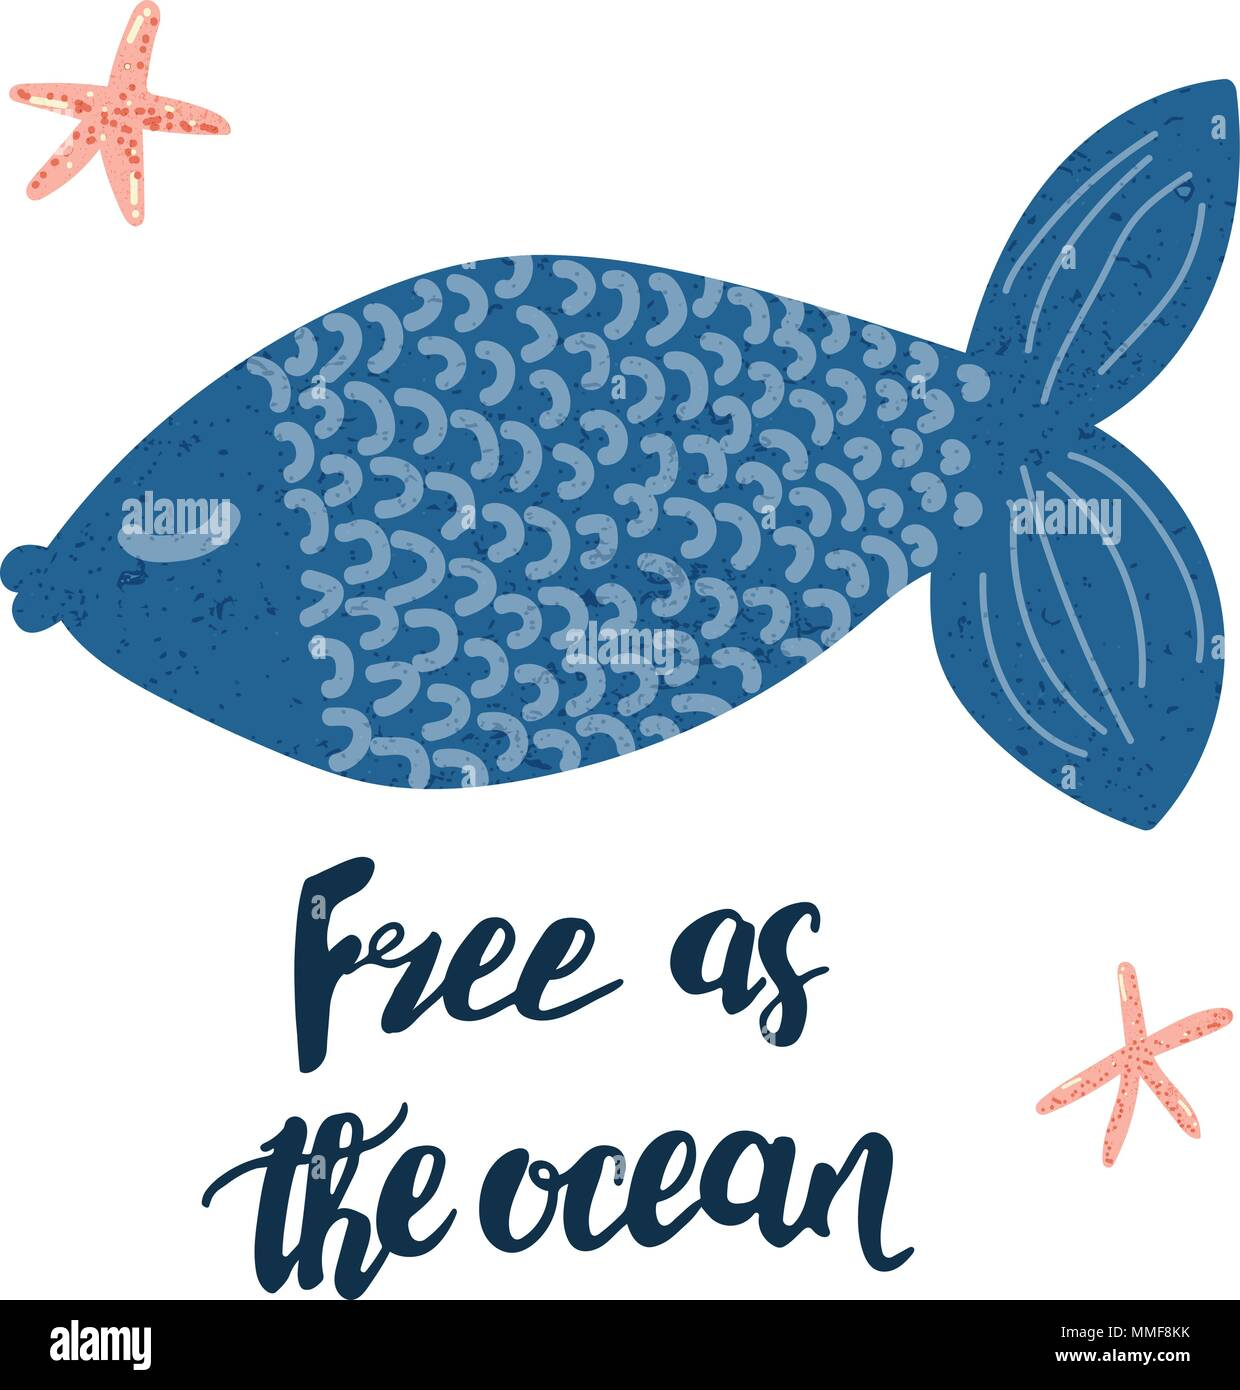 Cartoon Vectores Lindo Pescado Azul Y Letras Escritas A Mano